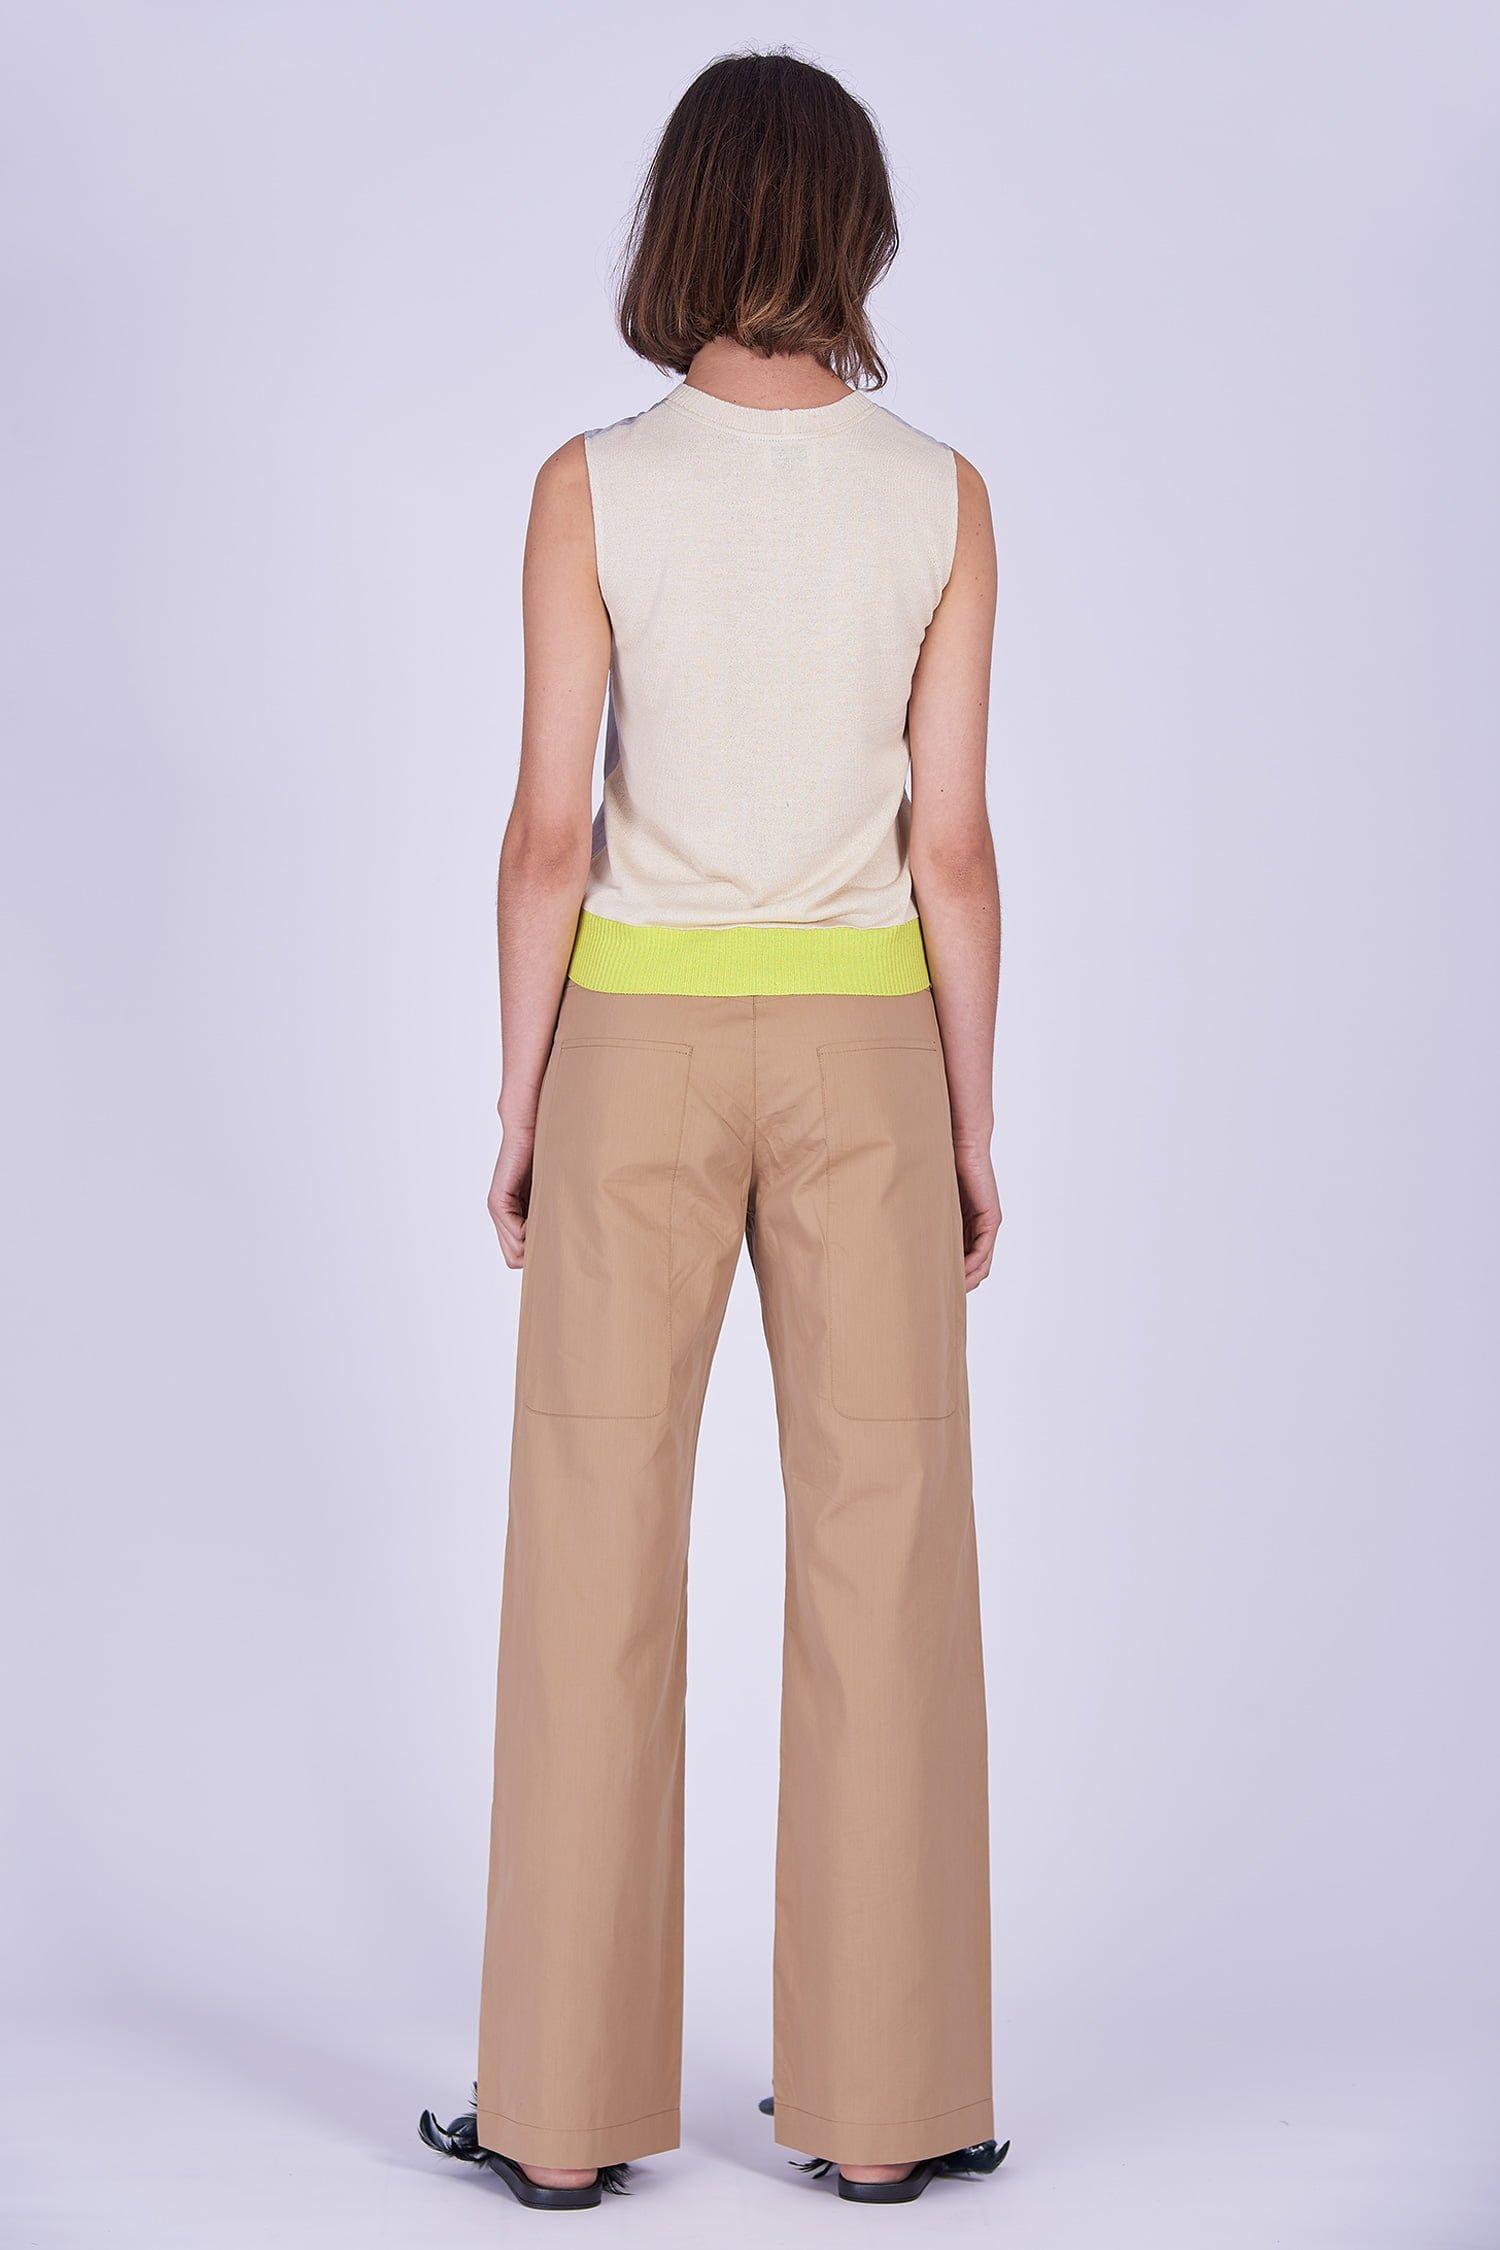 Acephala Ss2020 Silver Bustier Top Beige Cargo Trousers Srebrny Gorsetowy Bezowe Spodnie Back 1